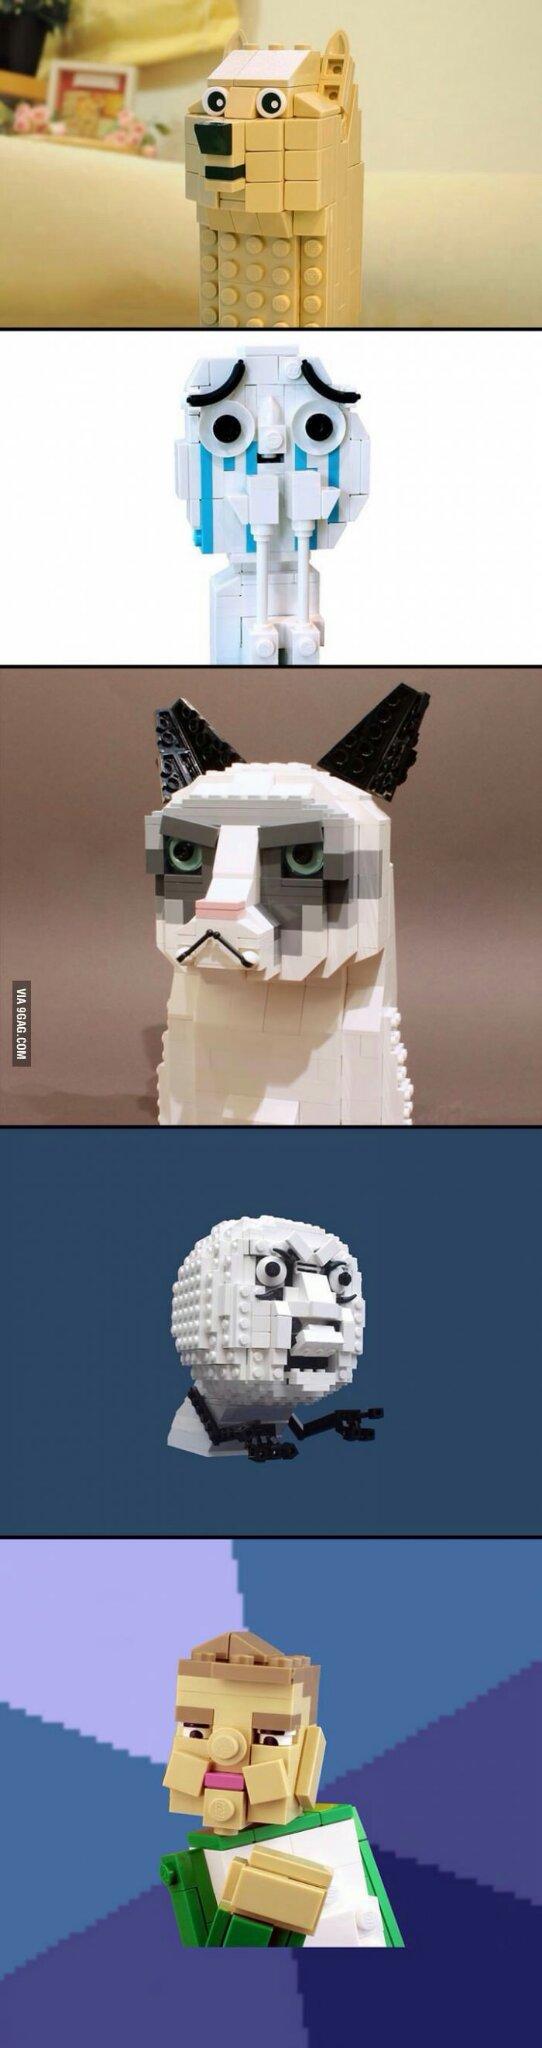 Saurez vous reconnaître le chat ? - meme